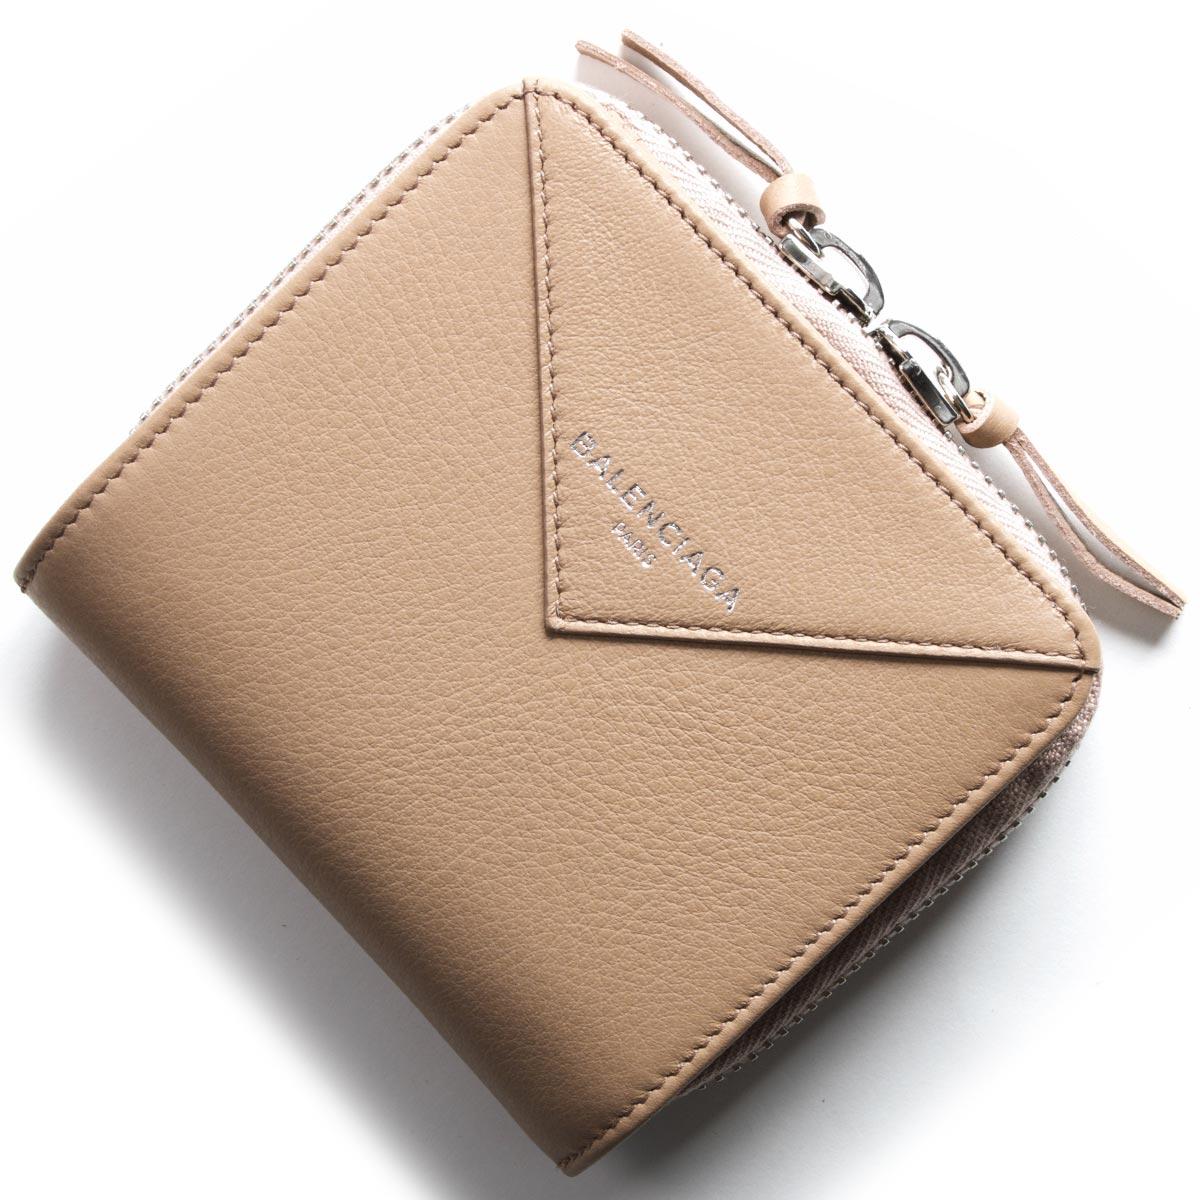 バレンシアガ BALENCIAGA 二つ折財布 ペーパー ビルフォールド PAPER ZA BILLFOLD ローズデサーブルベージュ 371662 DLQ0N 6310 レディース